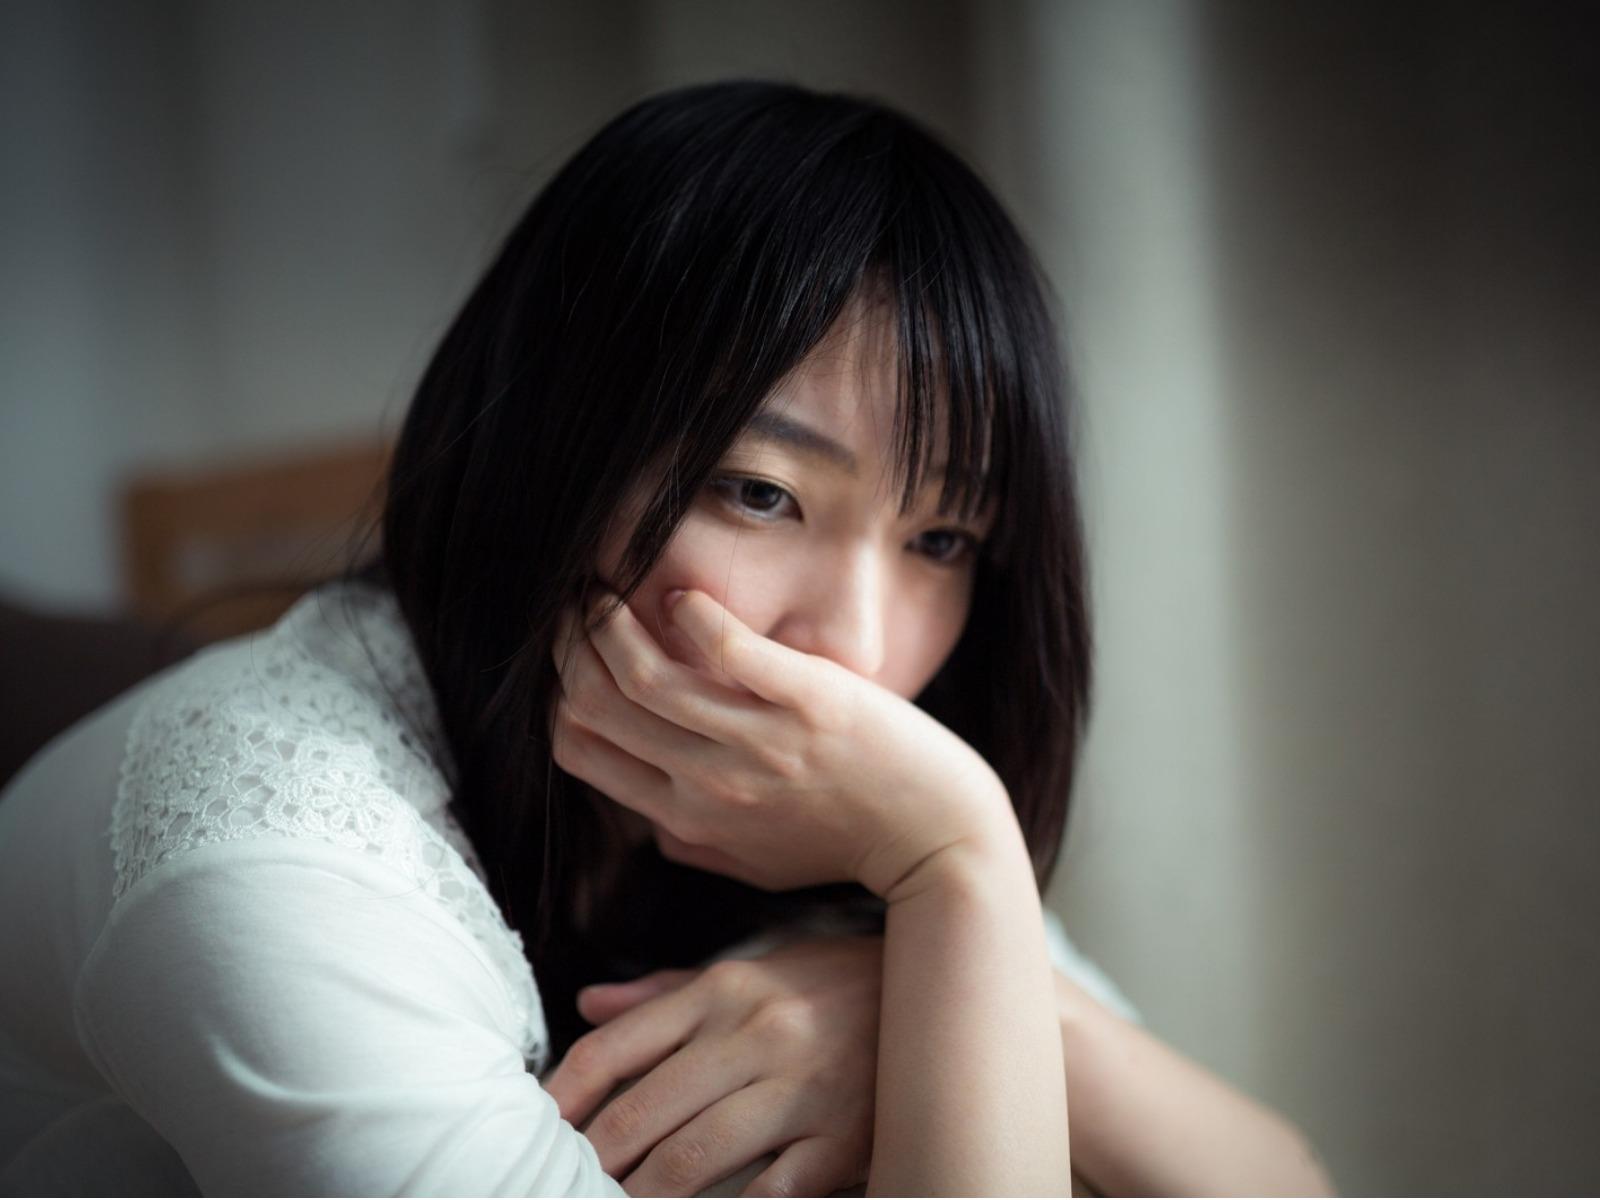 東京渋谷の学生に人気の就活占いは就職追及はもちろん、アナタの就活における心の苦しみを和らげ心を癒し、仕事に対する「情熱」・「やる気」を高めることを徹底しています。